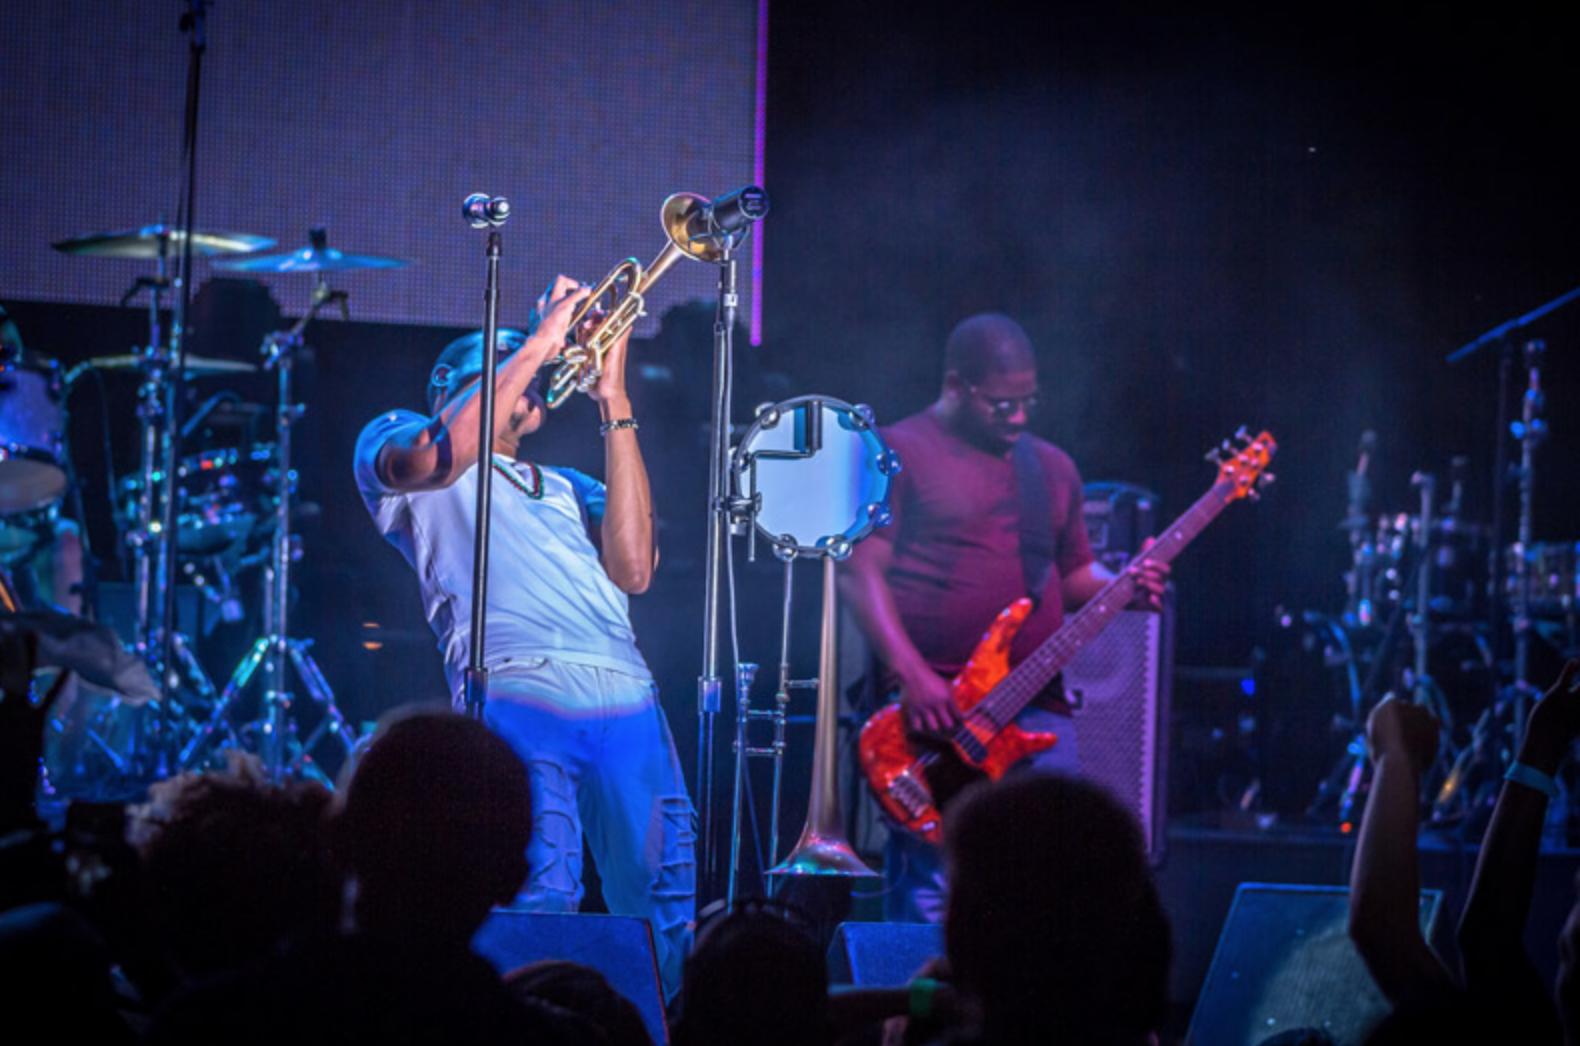 FEST: Capital City Music Fest (NV)